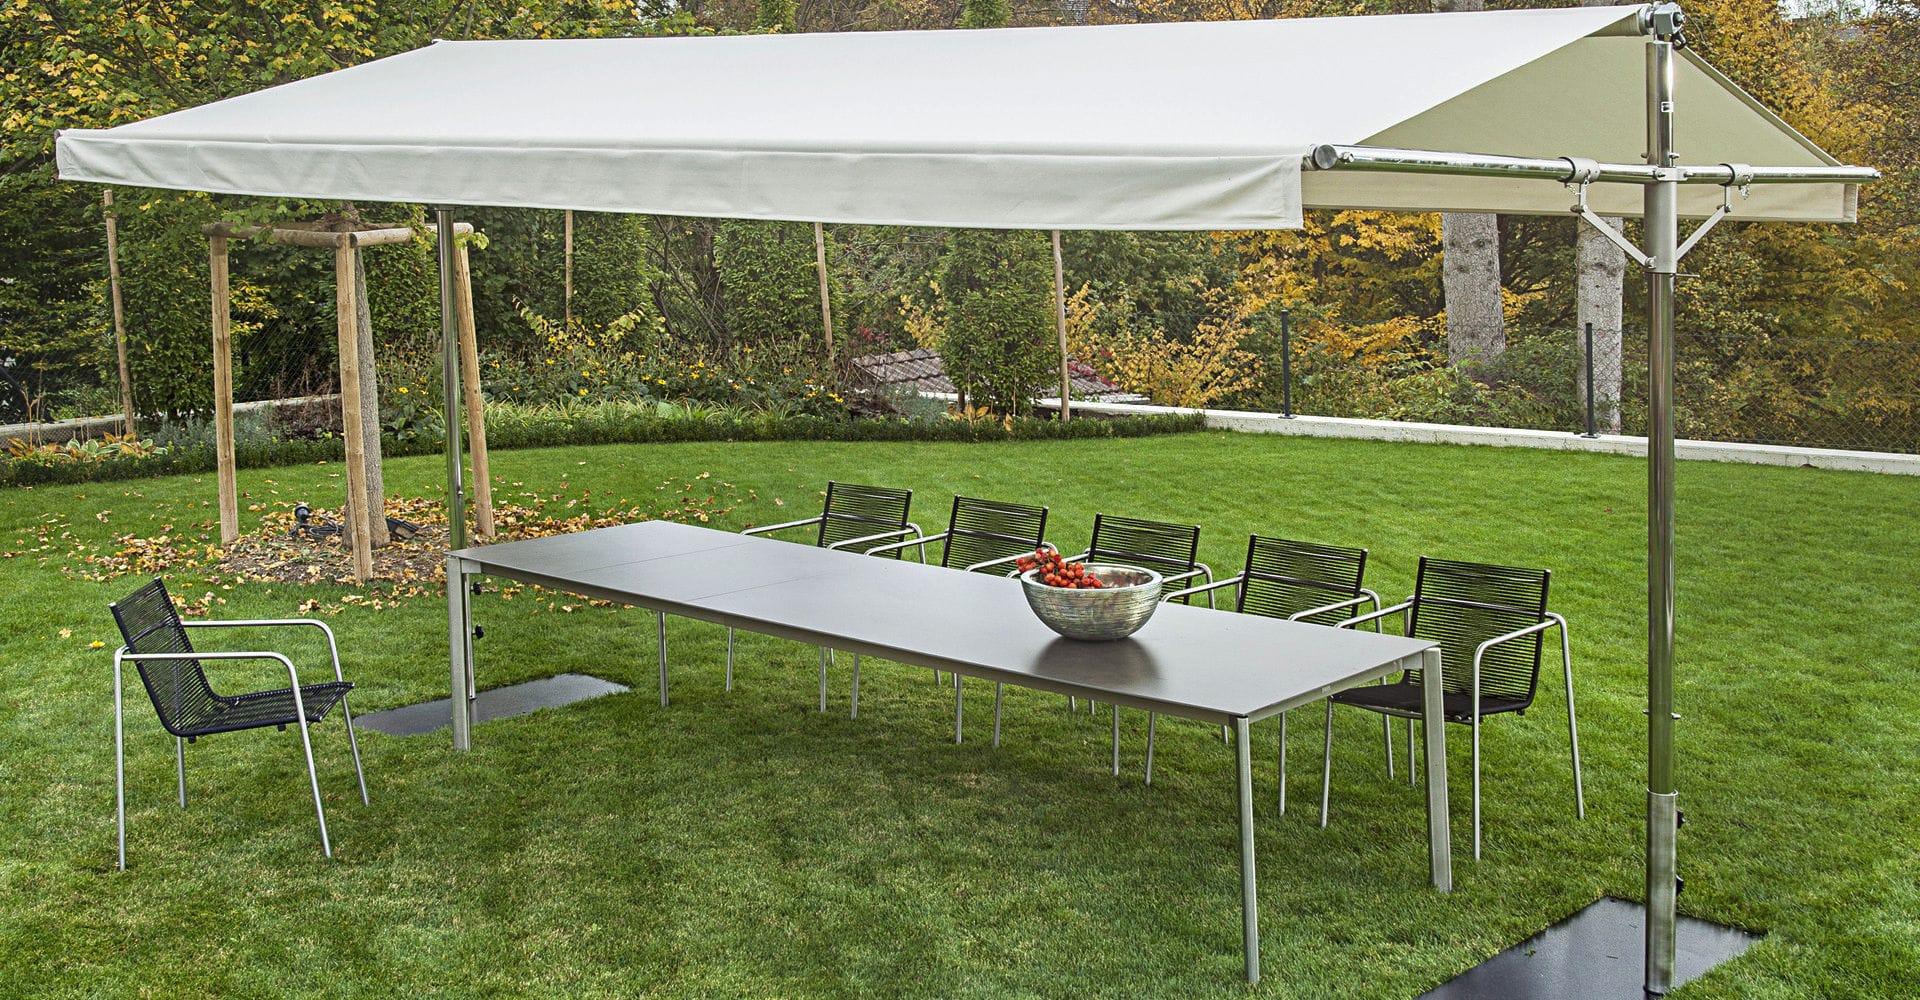 cenador de acero inoxidable de aluminio de techo de lona woodline piuma fischer mbel